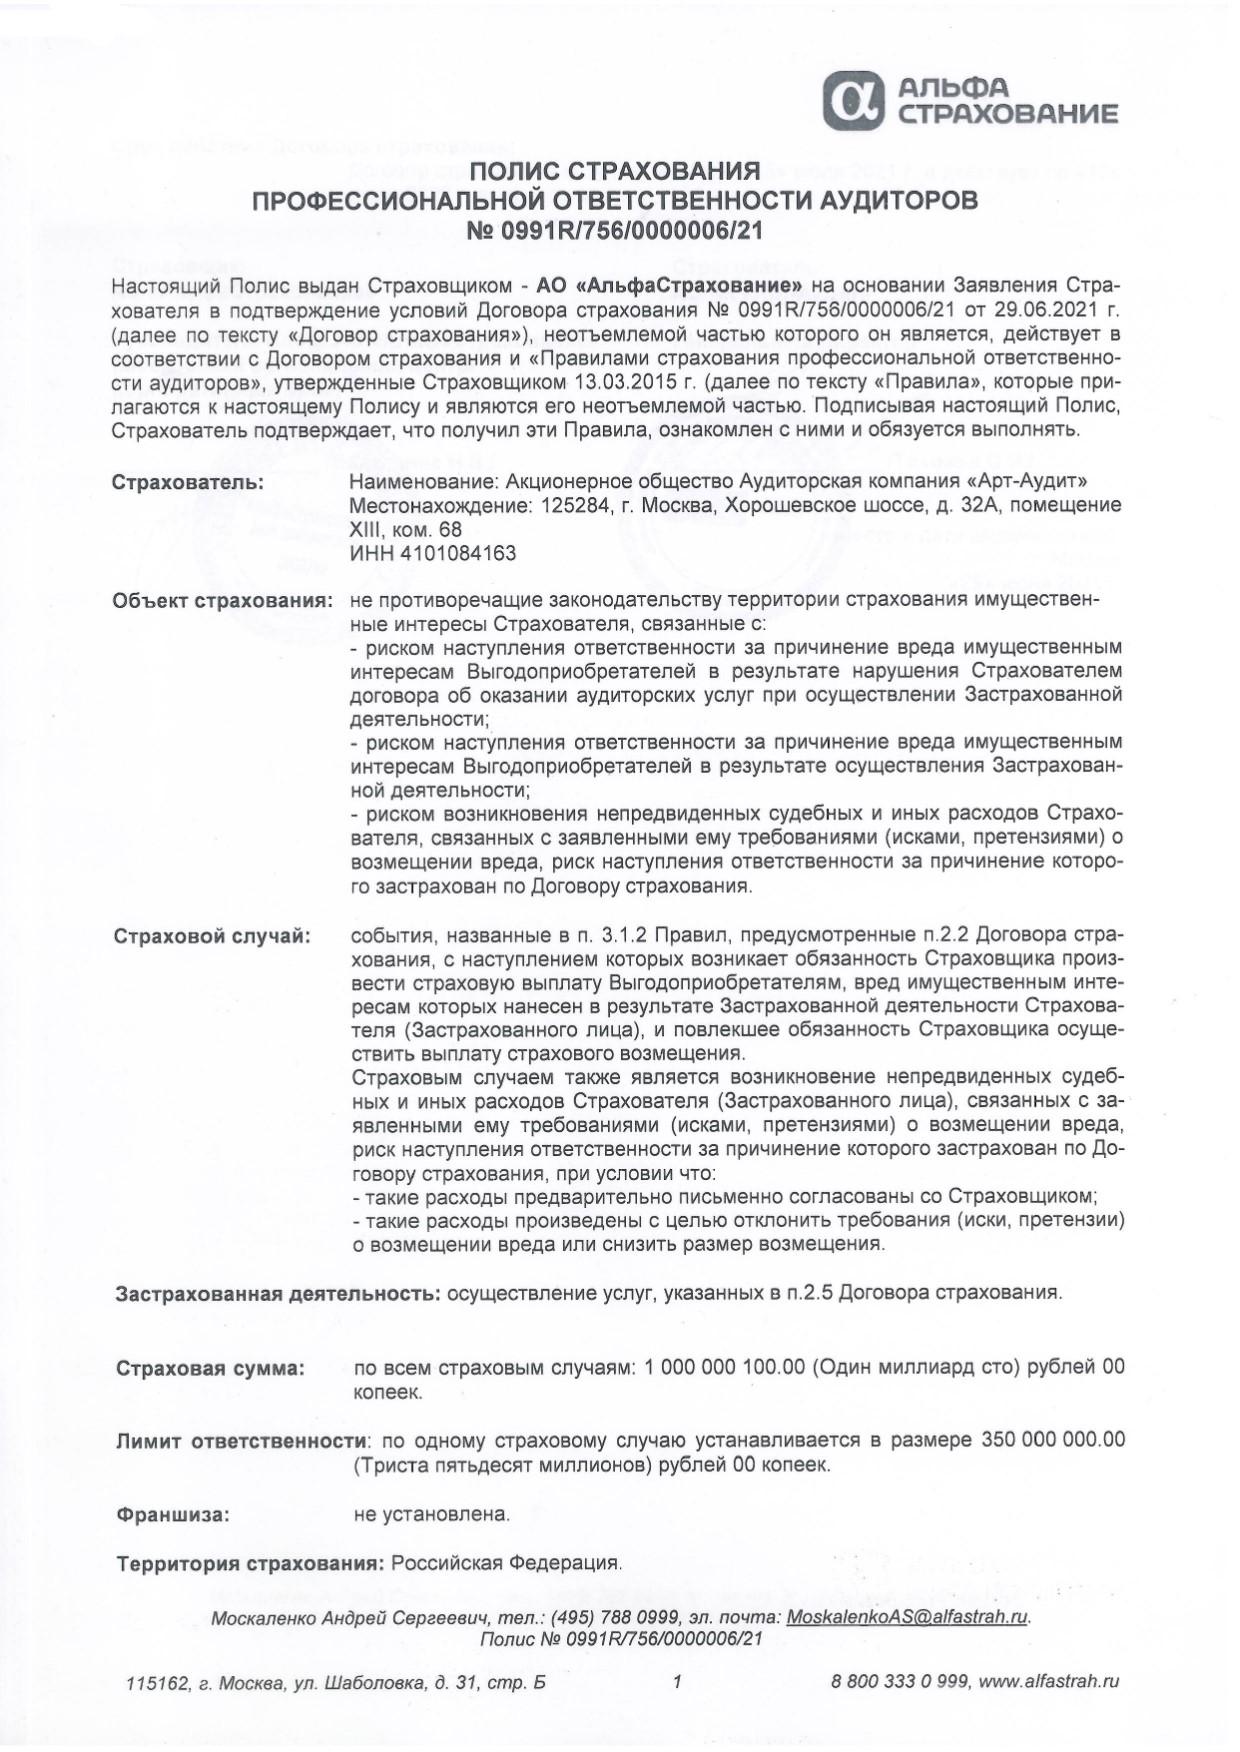 Полис ответственности аудиторов с 13-07-2021 по 12-07-2022